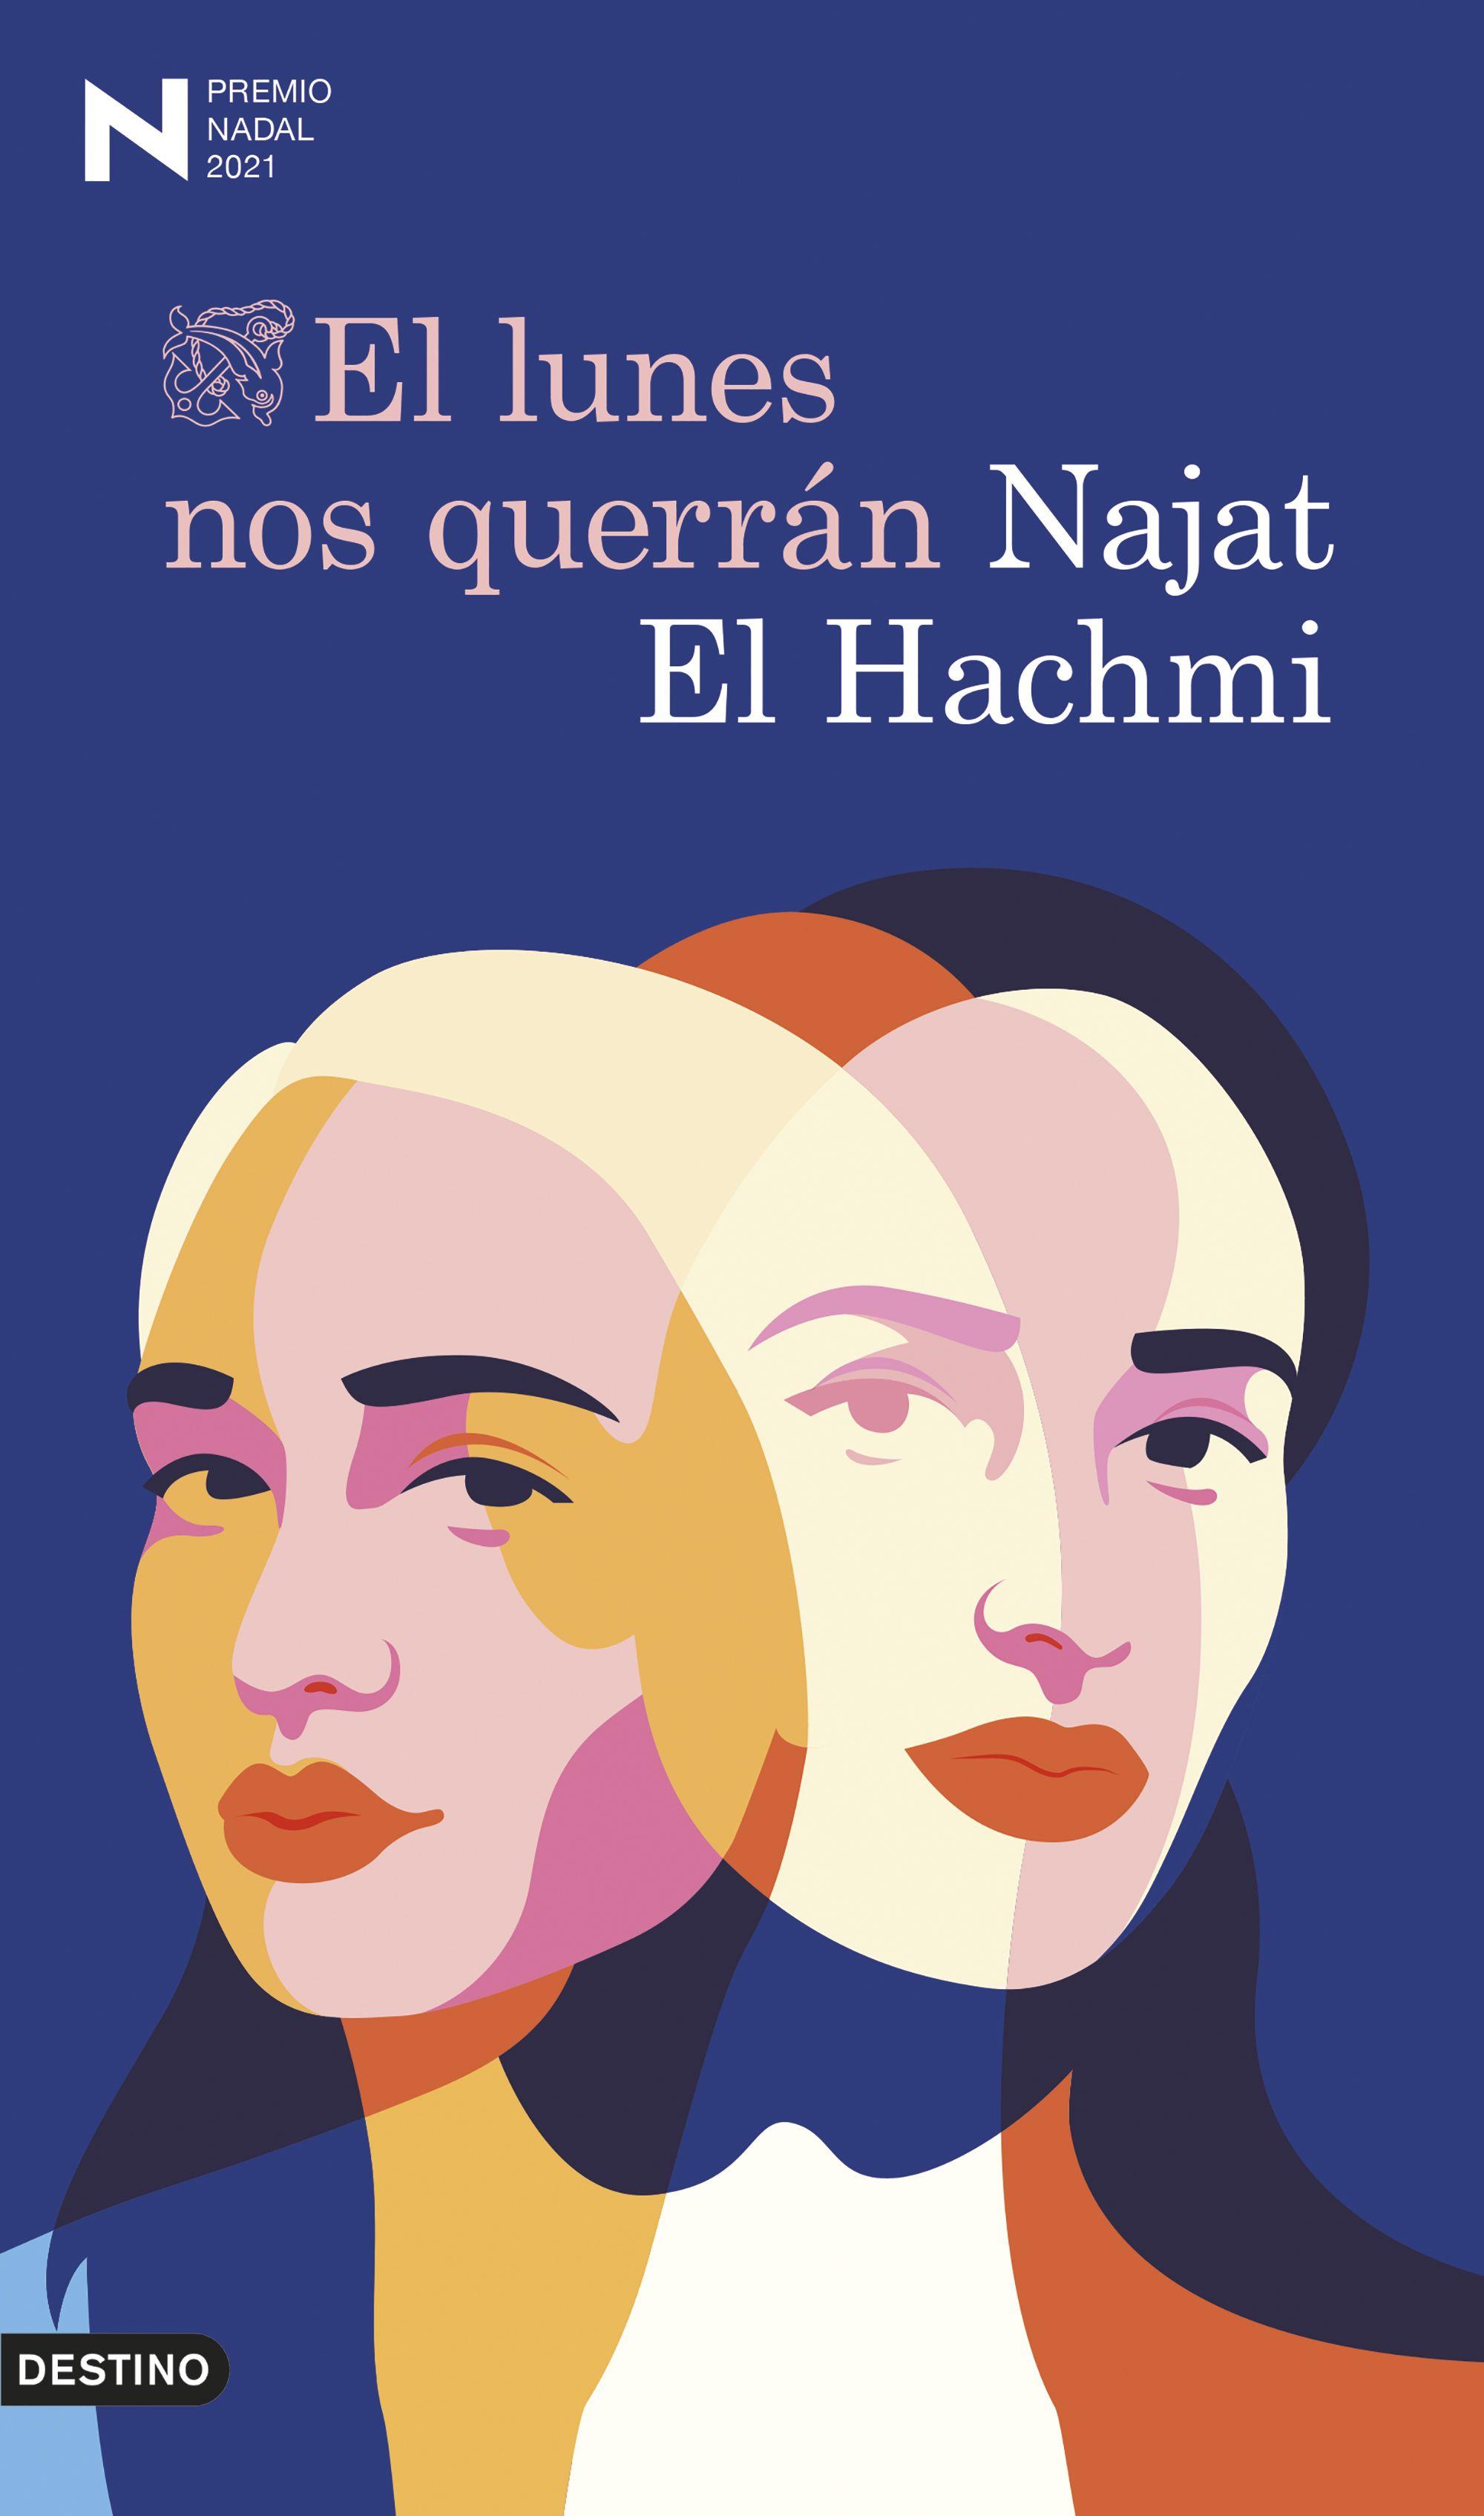 El lunes nos querrán, Najat El Hachmi